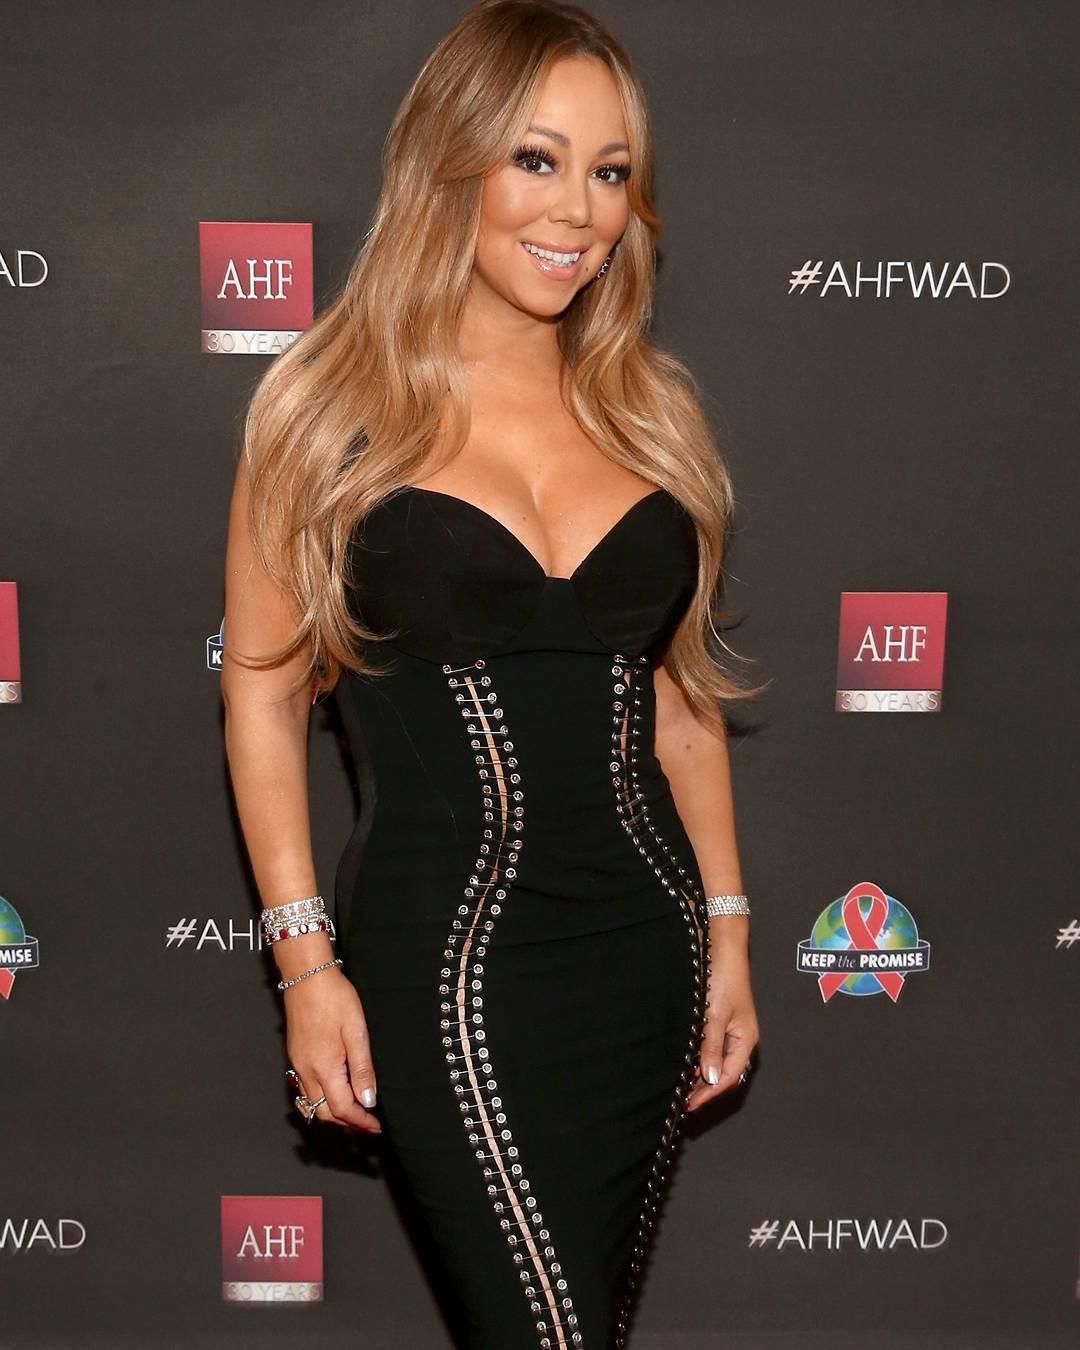 Giảm 11 kg nhờ phẫu thuật, Mariah Carey lấy lại vóc dáng không khác thời hoàng kim nhan sắc - Ảnh 4.